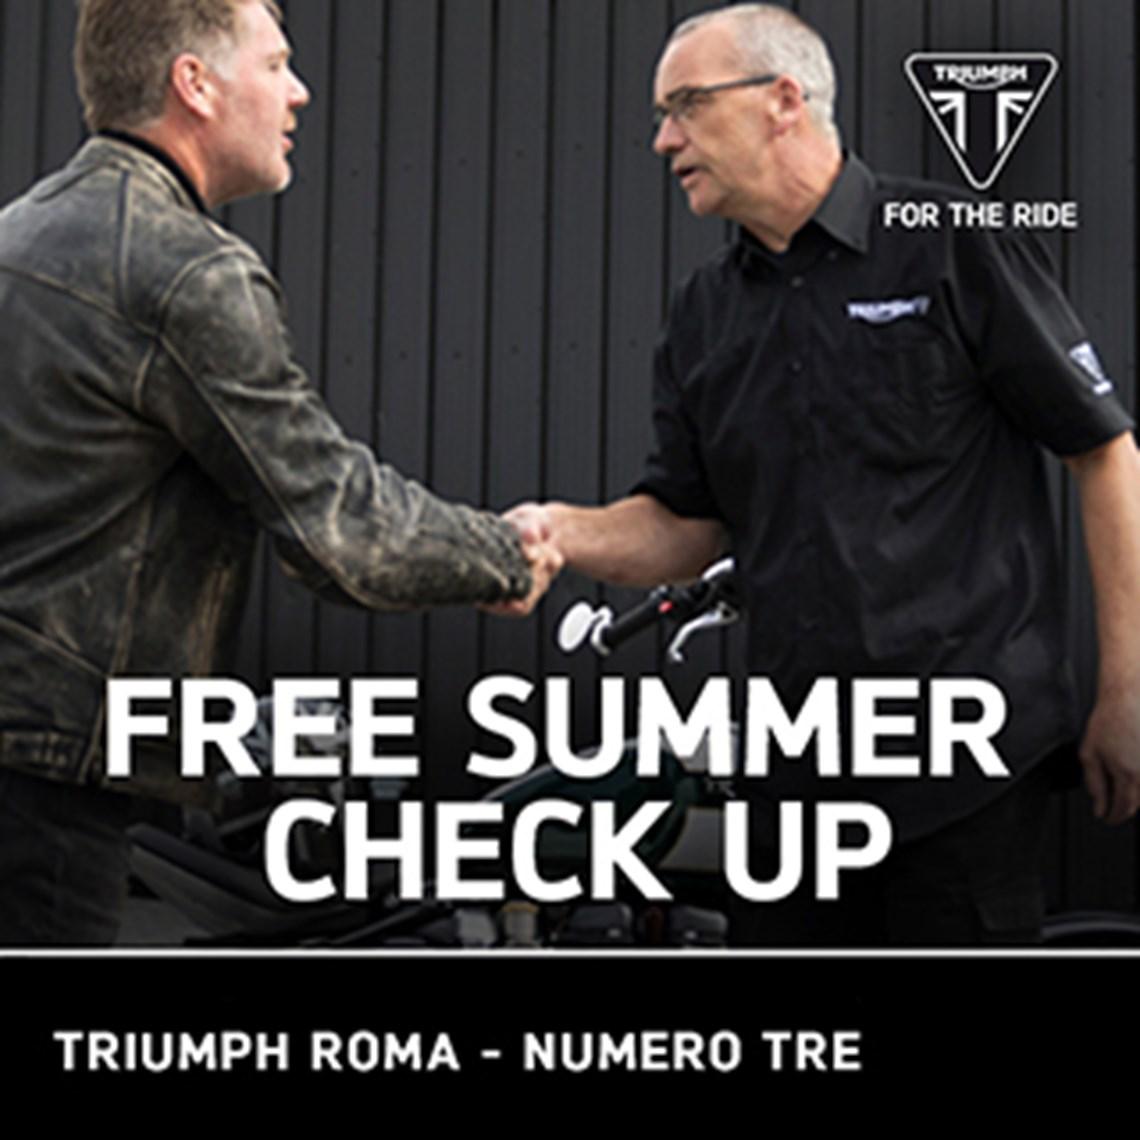 Summer Check Up